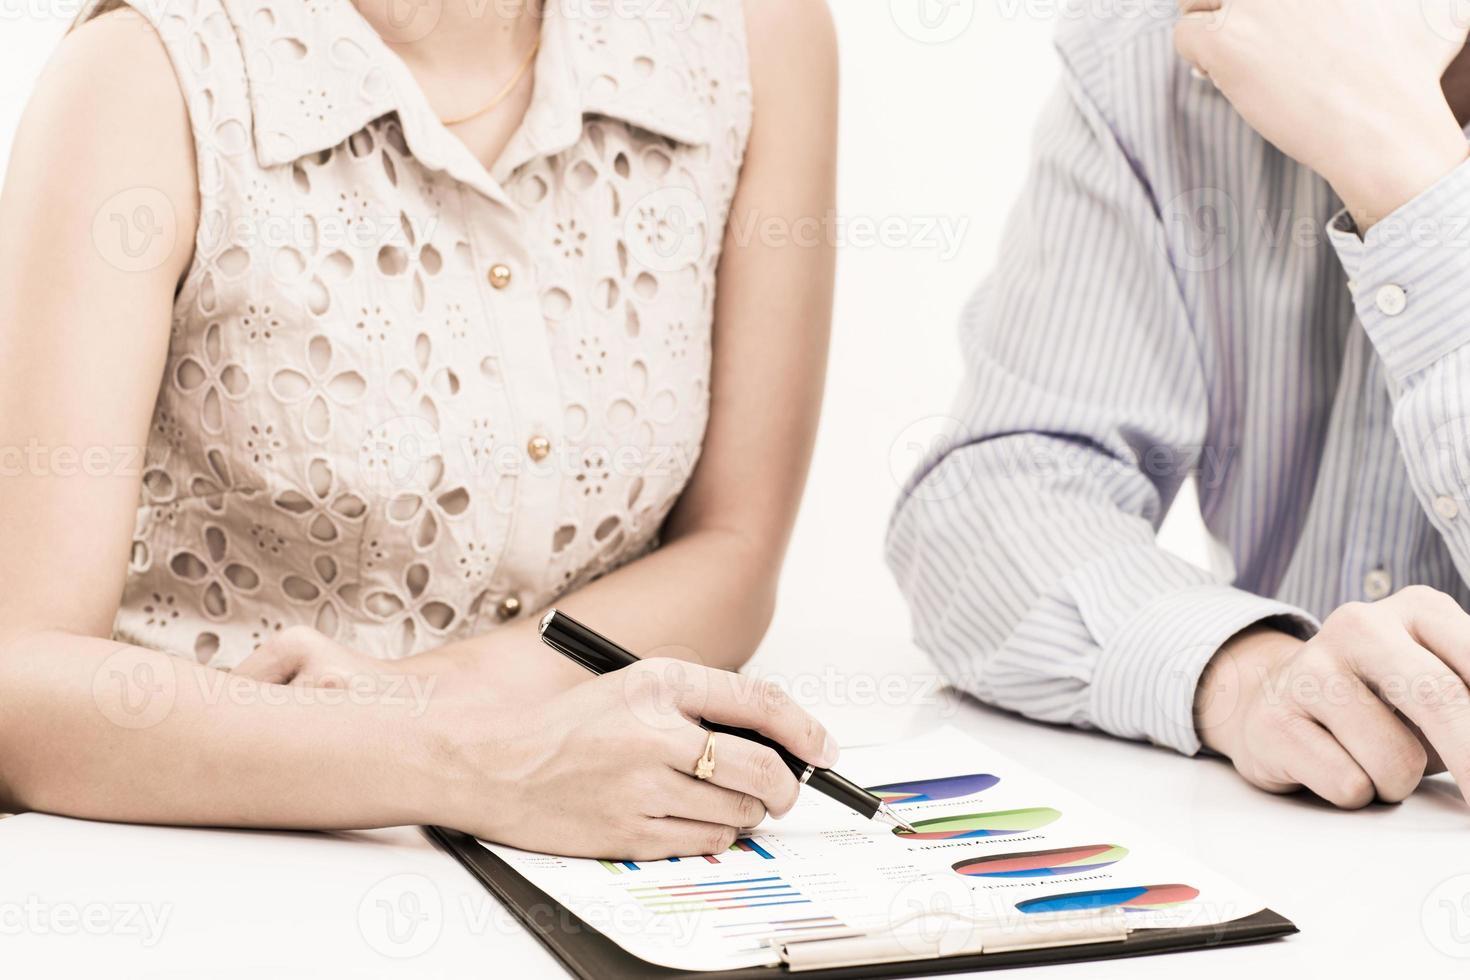 pessoas de negócios a discutir durante uma reunião na mesa foto